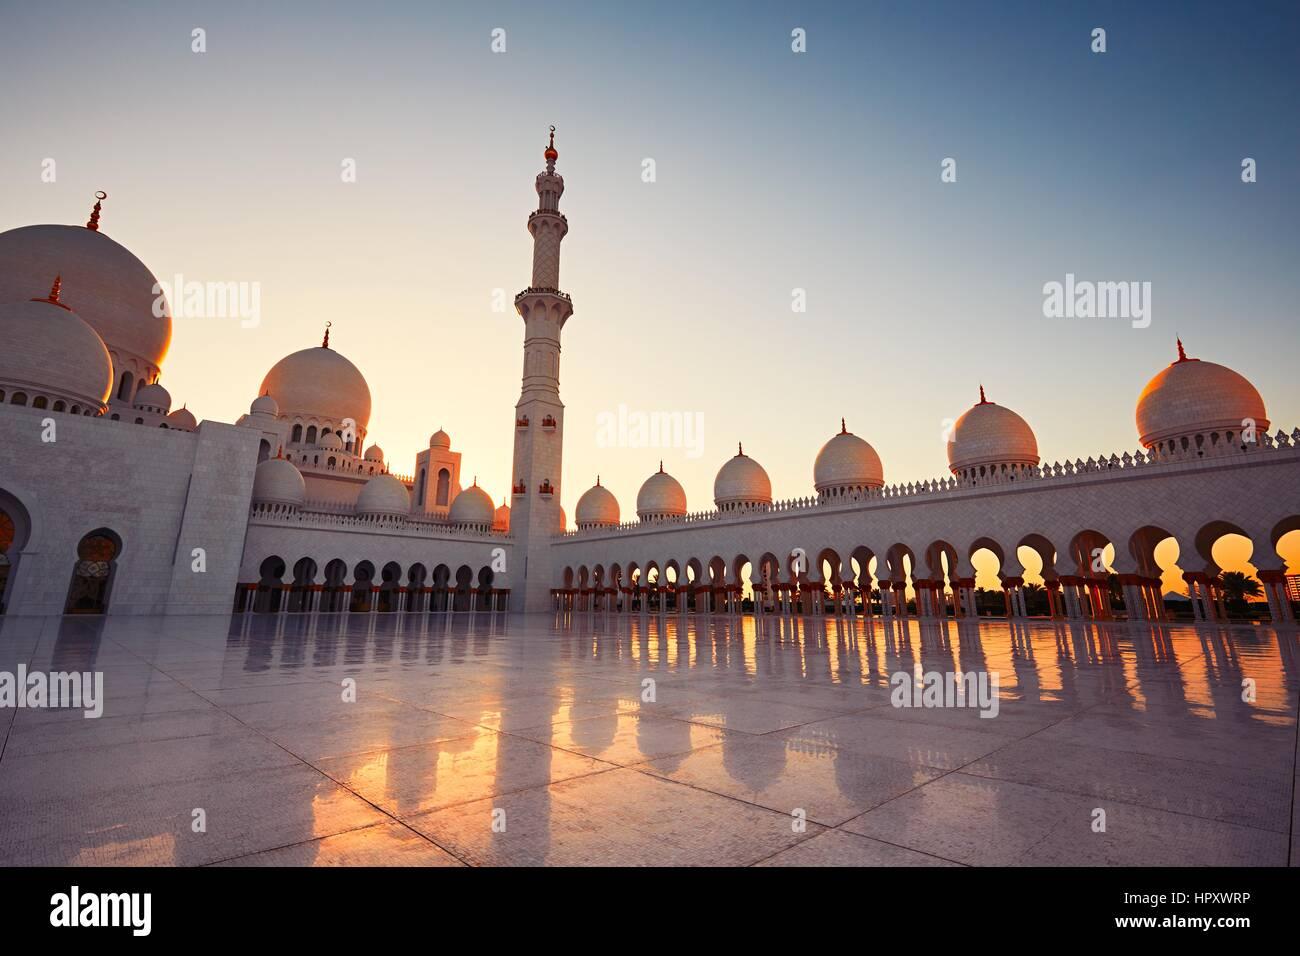 ABU DHABI, EMIRATOS ÁRABES UNIDOS - 19 de abril: el patio y el alminar de la Gran Mezquita de Sheikh Zayed Imagen De Stock